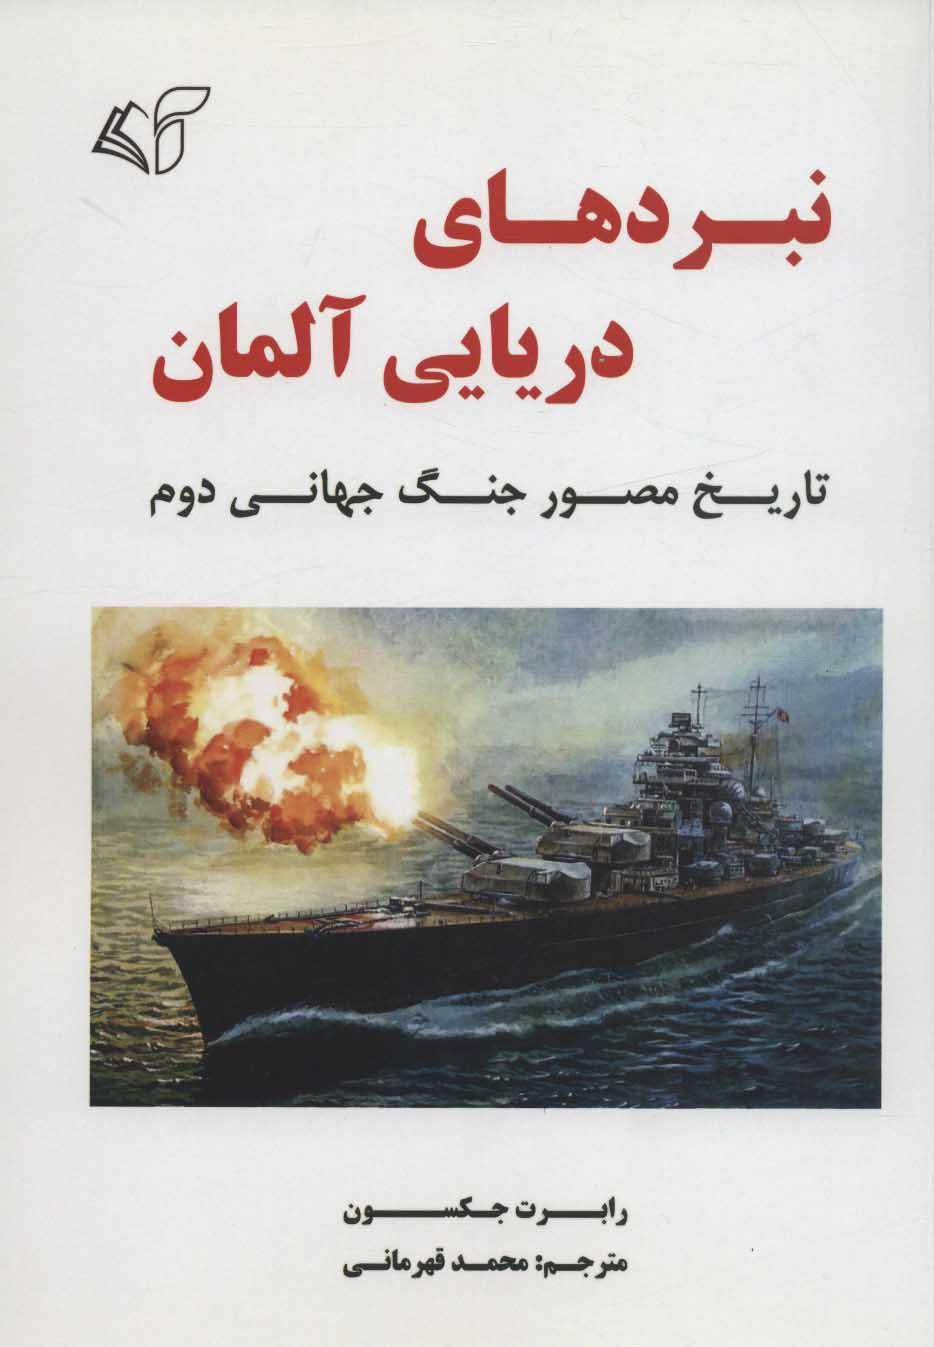 نبردهای دریایی آلمان (تاریخ مصور جنگ جهانی دوم)